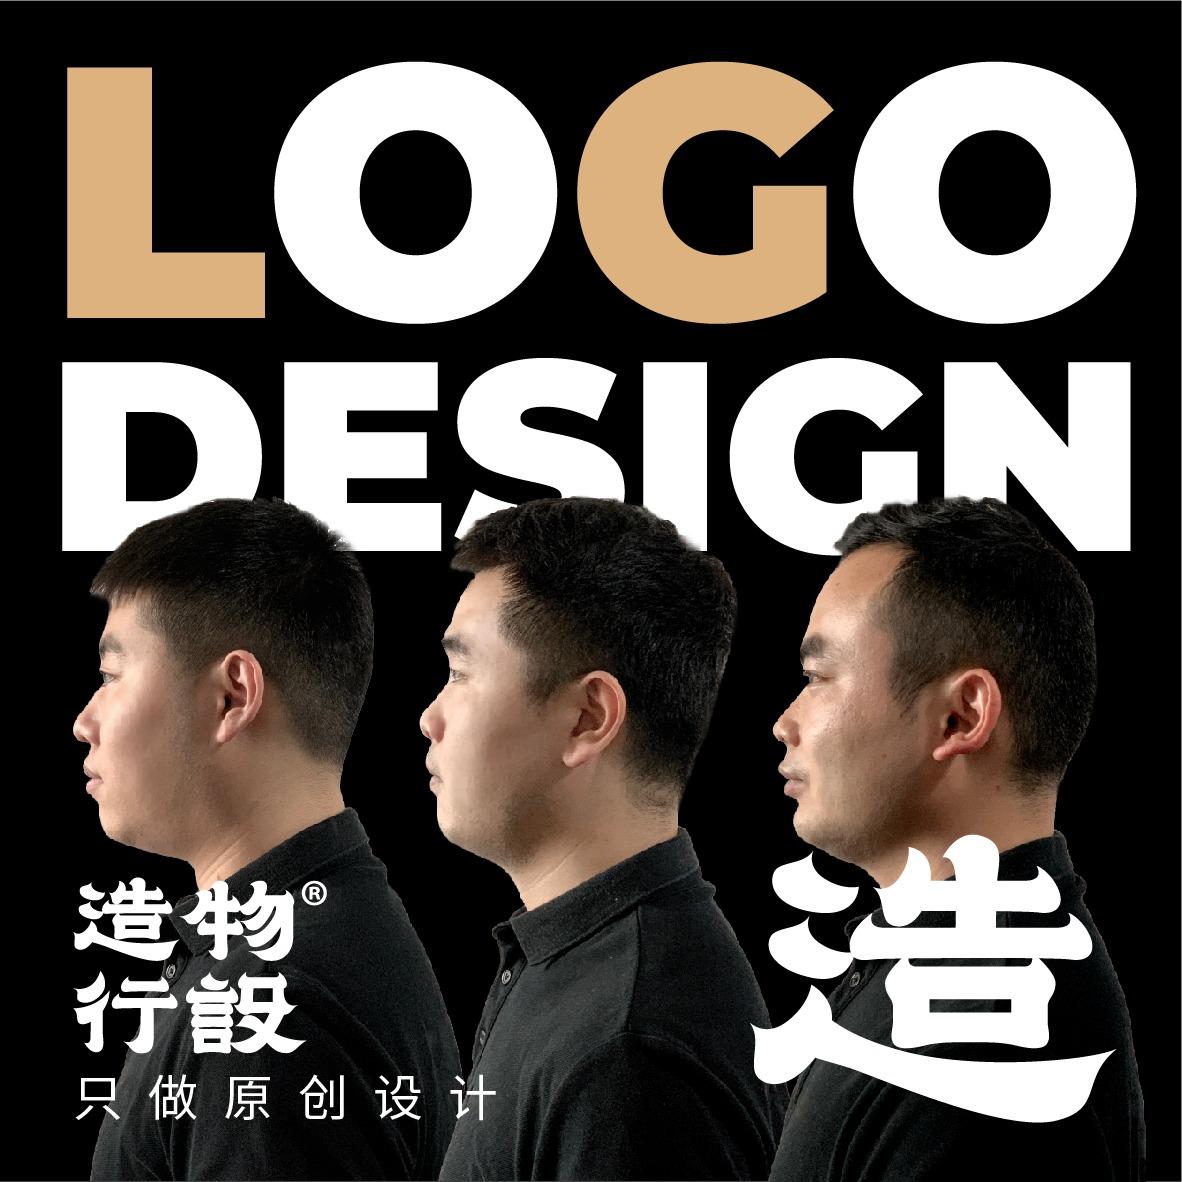 广州深圳品牌 logo 设计图文字体标志商标企业公司 LOGO 图标